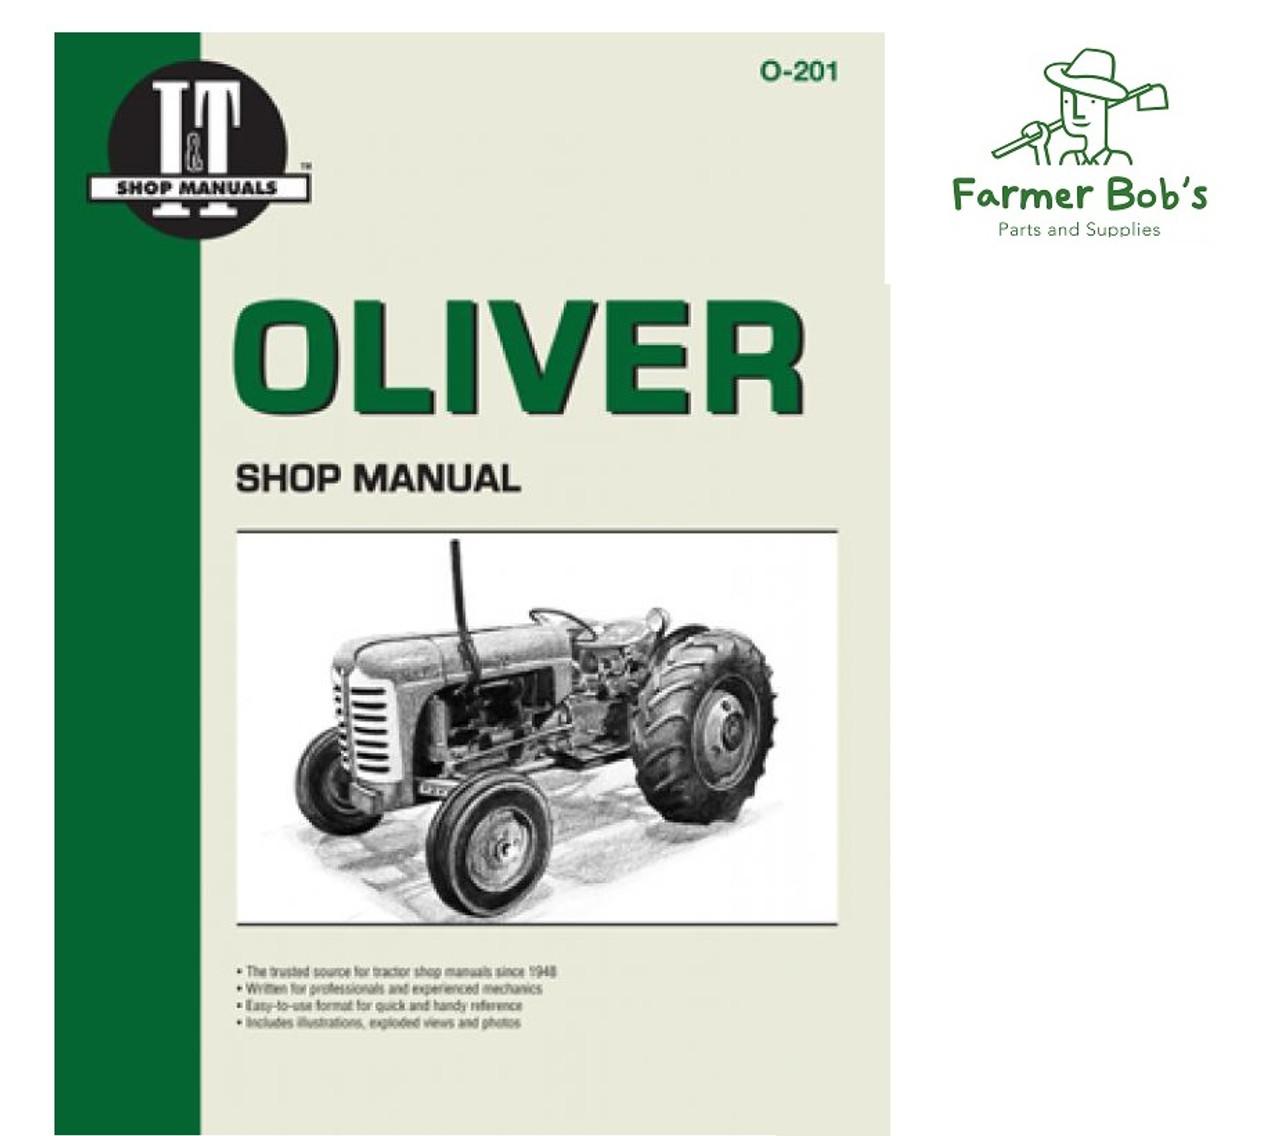 i&t shop manuals oliver & cockshutt models 99, super 99; super and  non-super models 66, 77, 88, 660, 770, 880; series 99 gmtc, 950, 990, 995;  and series super 55, 550 manual. - farmer bobs parts and supplies llc  farmer bobs parts